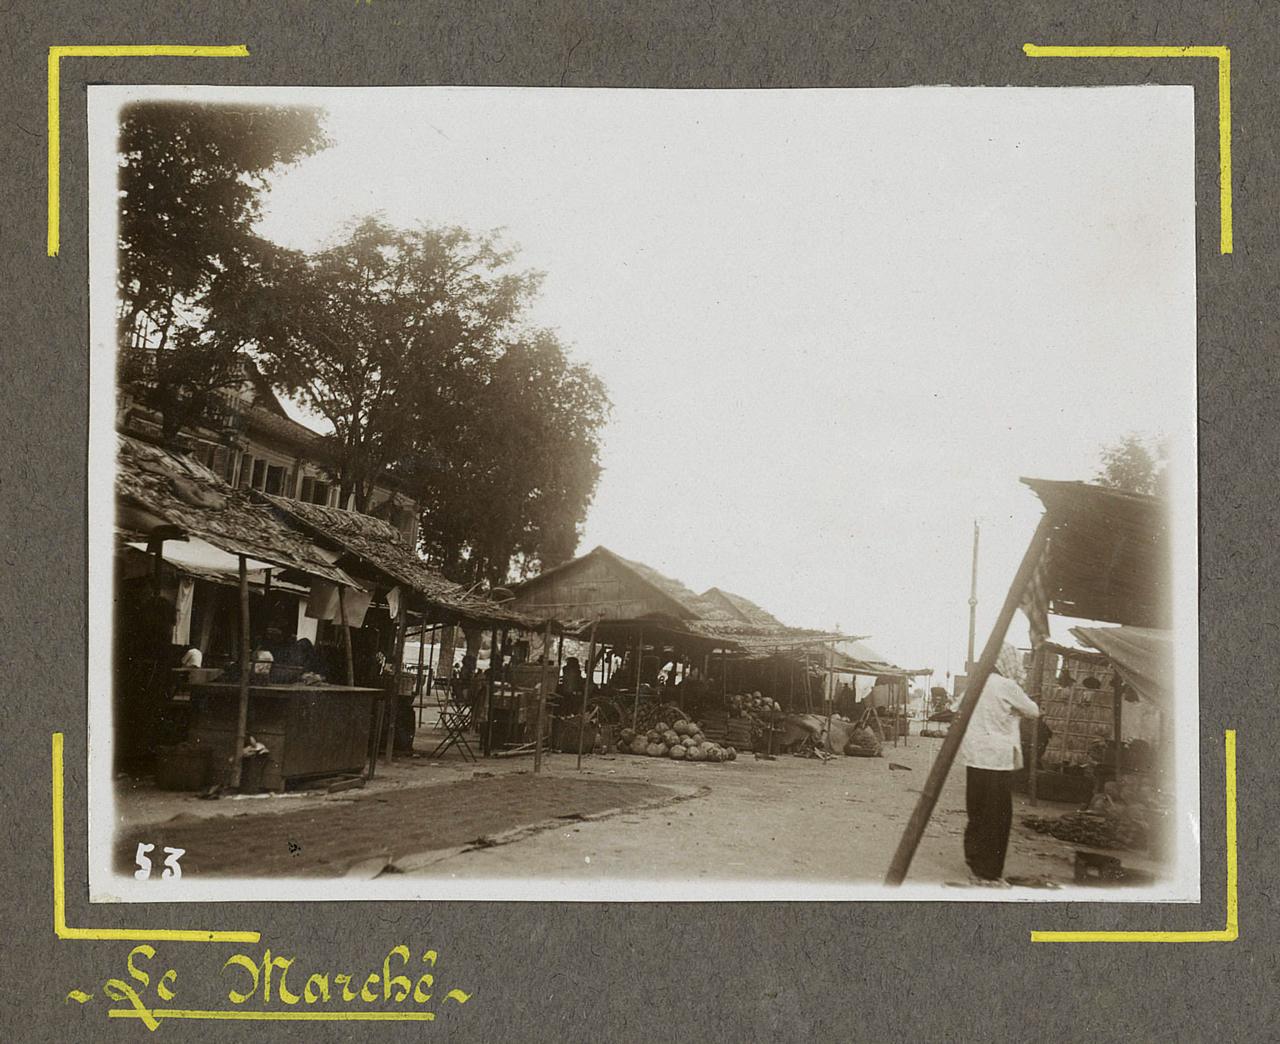 Giao hàng ở 1 khu chợ tại Châu Đốc xưa